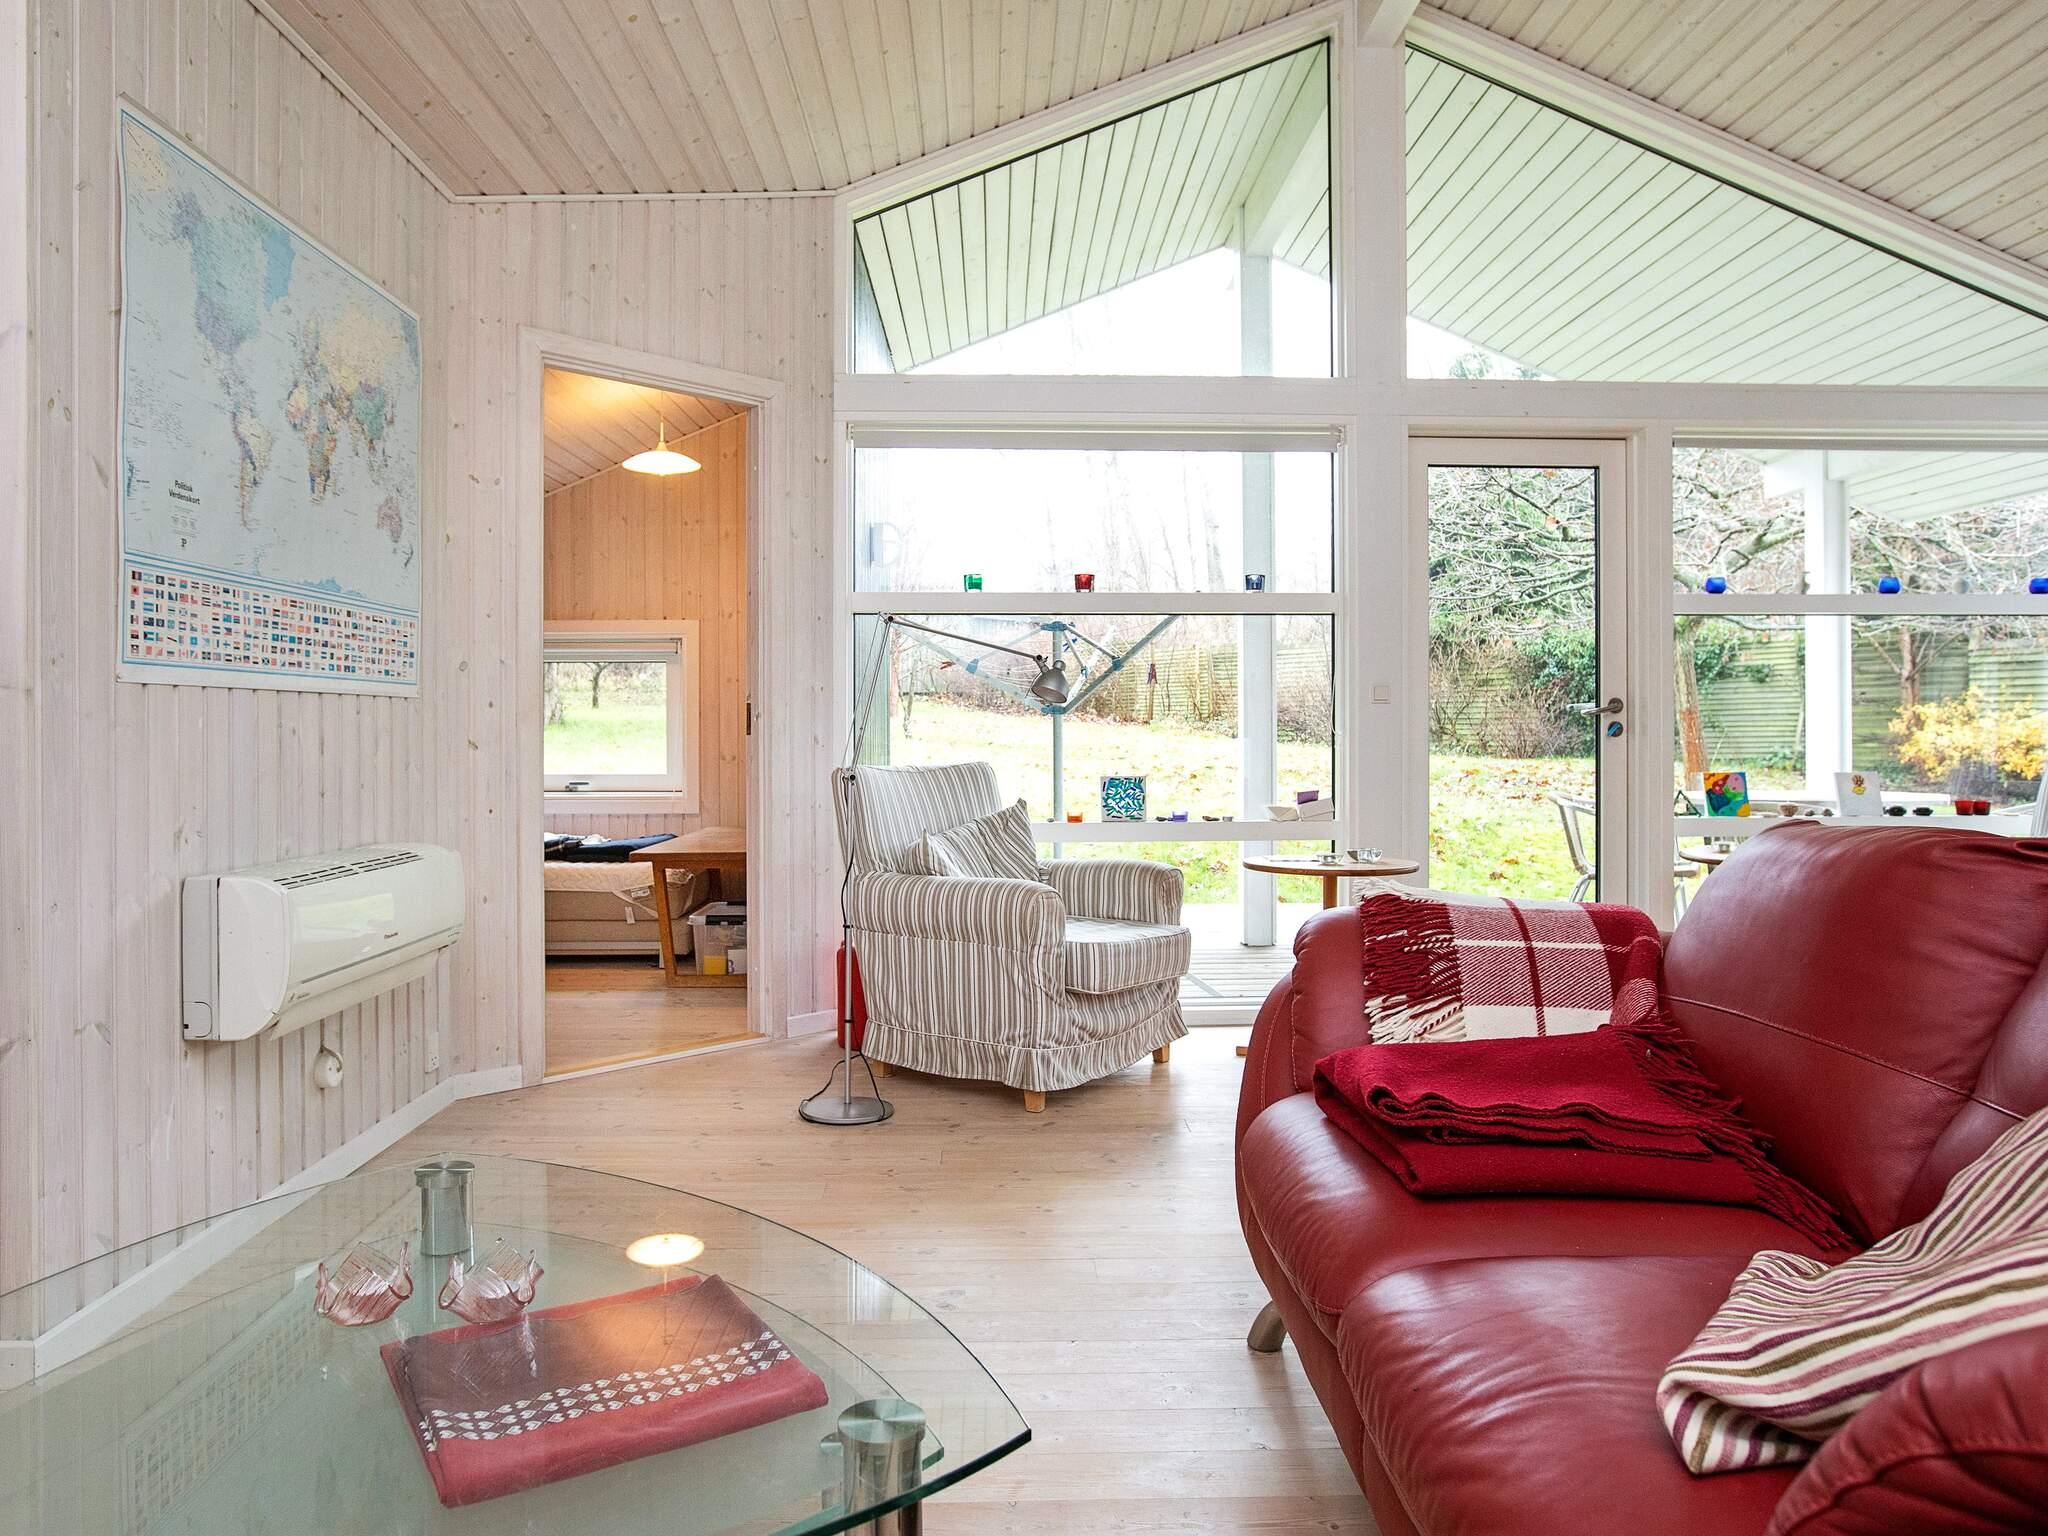 Ferienhaus Vejby (2701529), Vejby, , Nordseeland, Dänemark, Bild 6